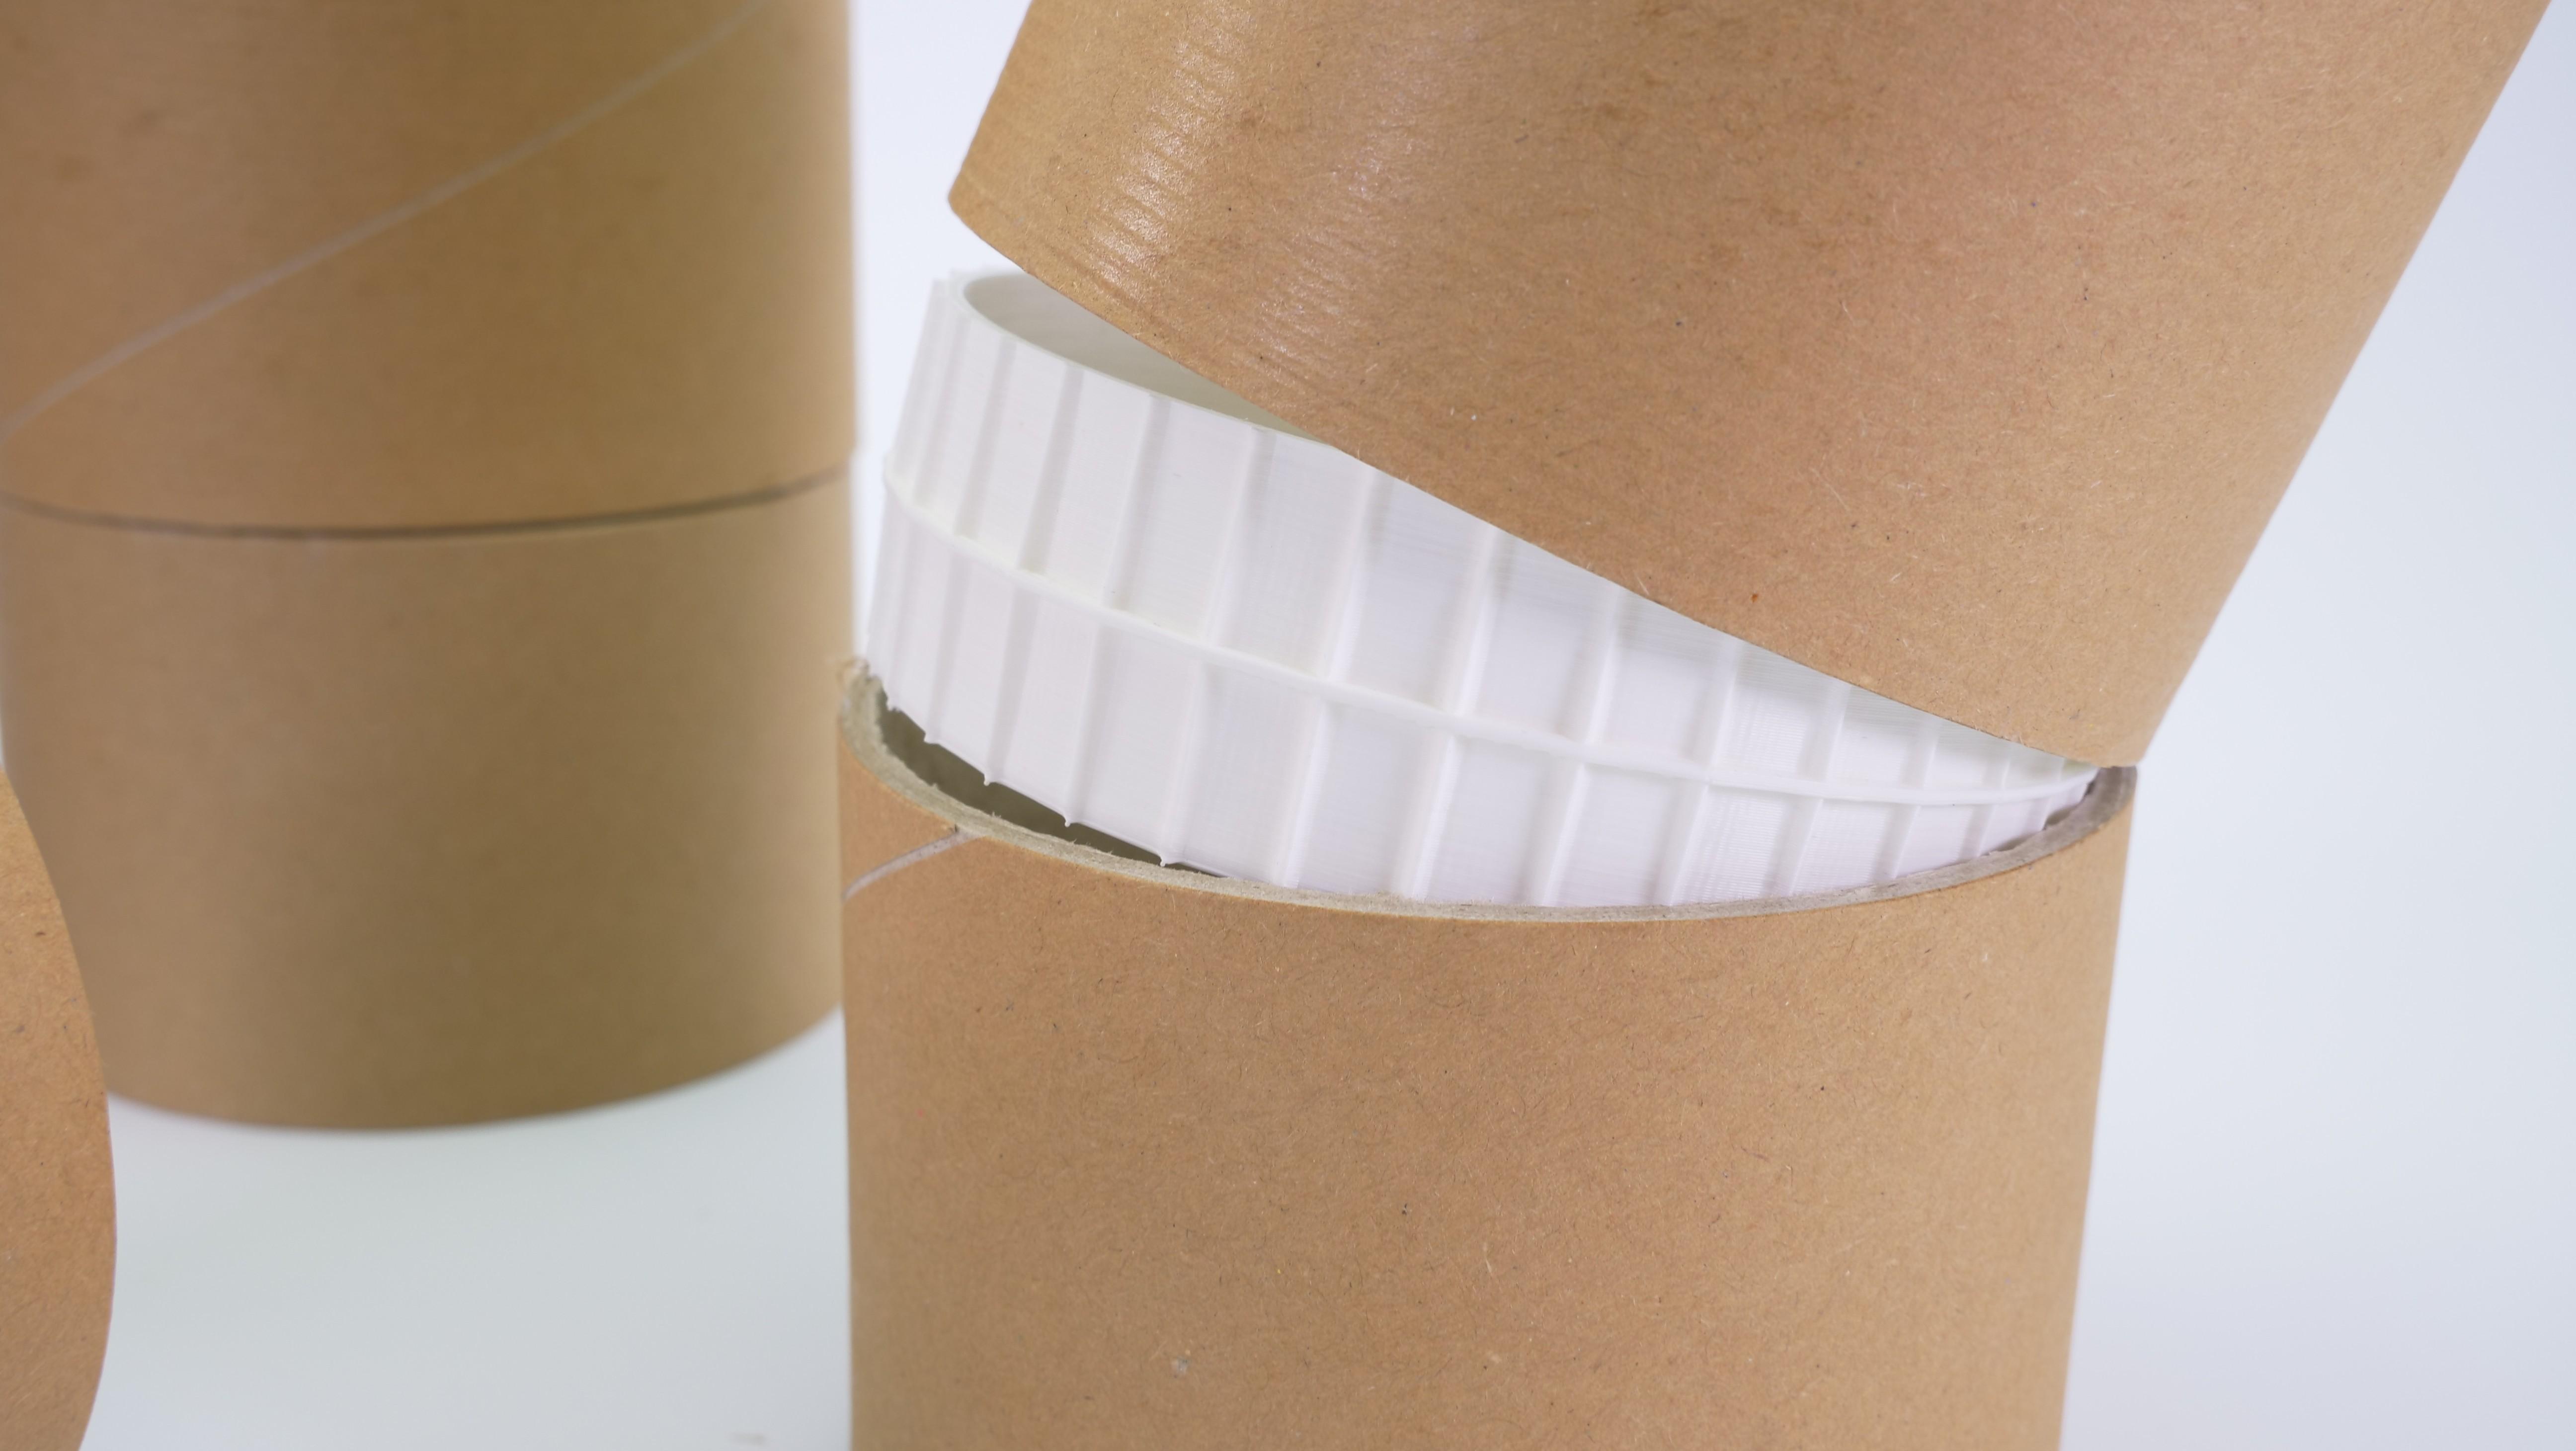 P1133329.JPG Télécharger fichier STL gratuit CONTENEURS - ENSEMBLE DE PRÉPARATION - idée de réutilisation • Plan imprimable en 3D, cisardom